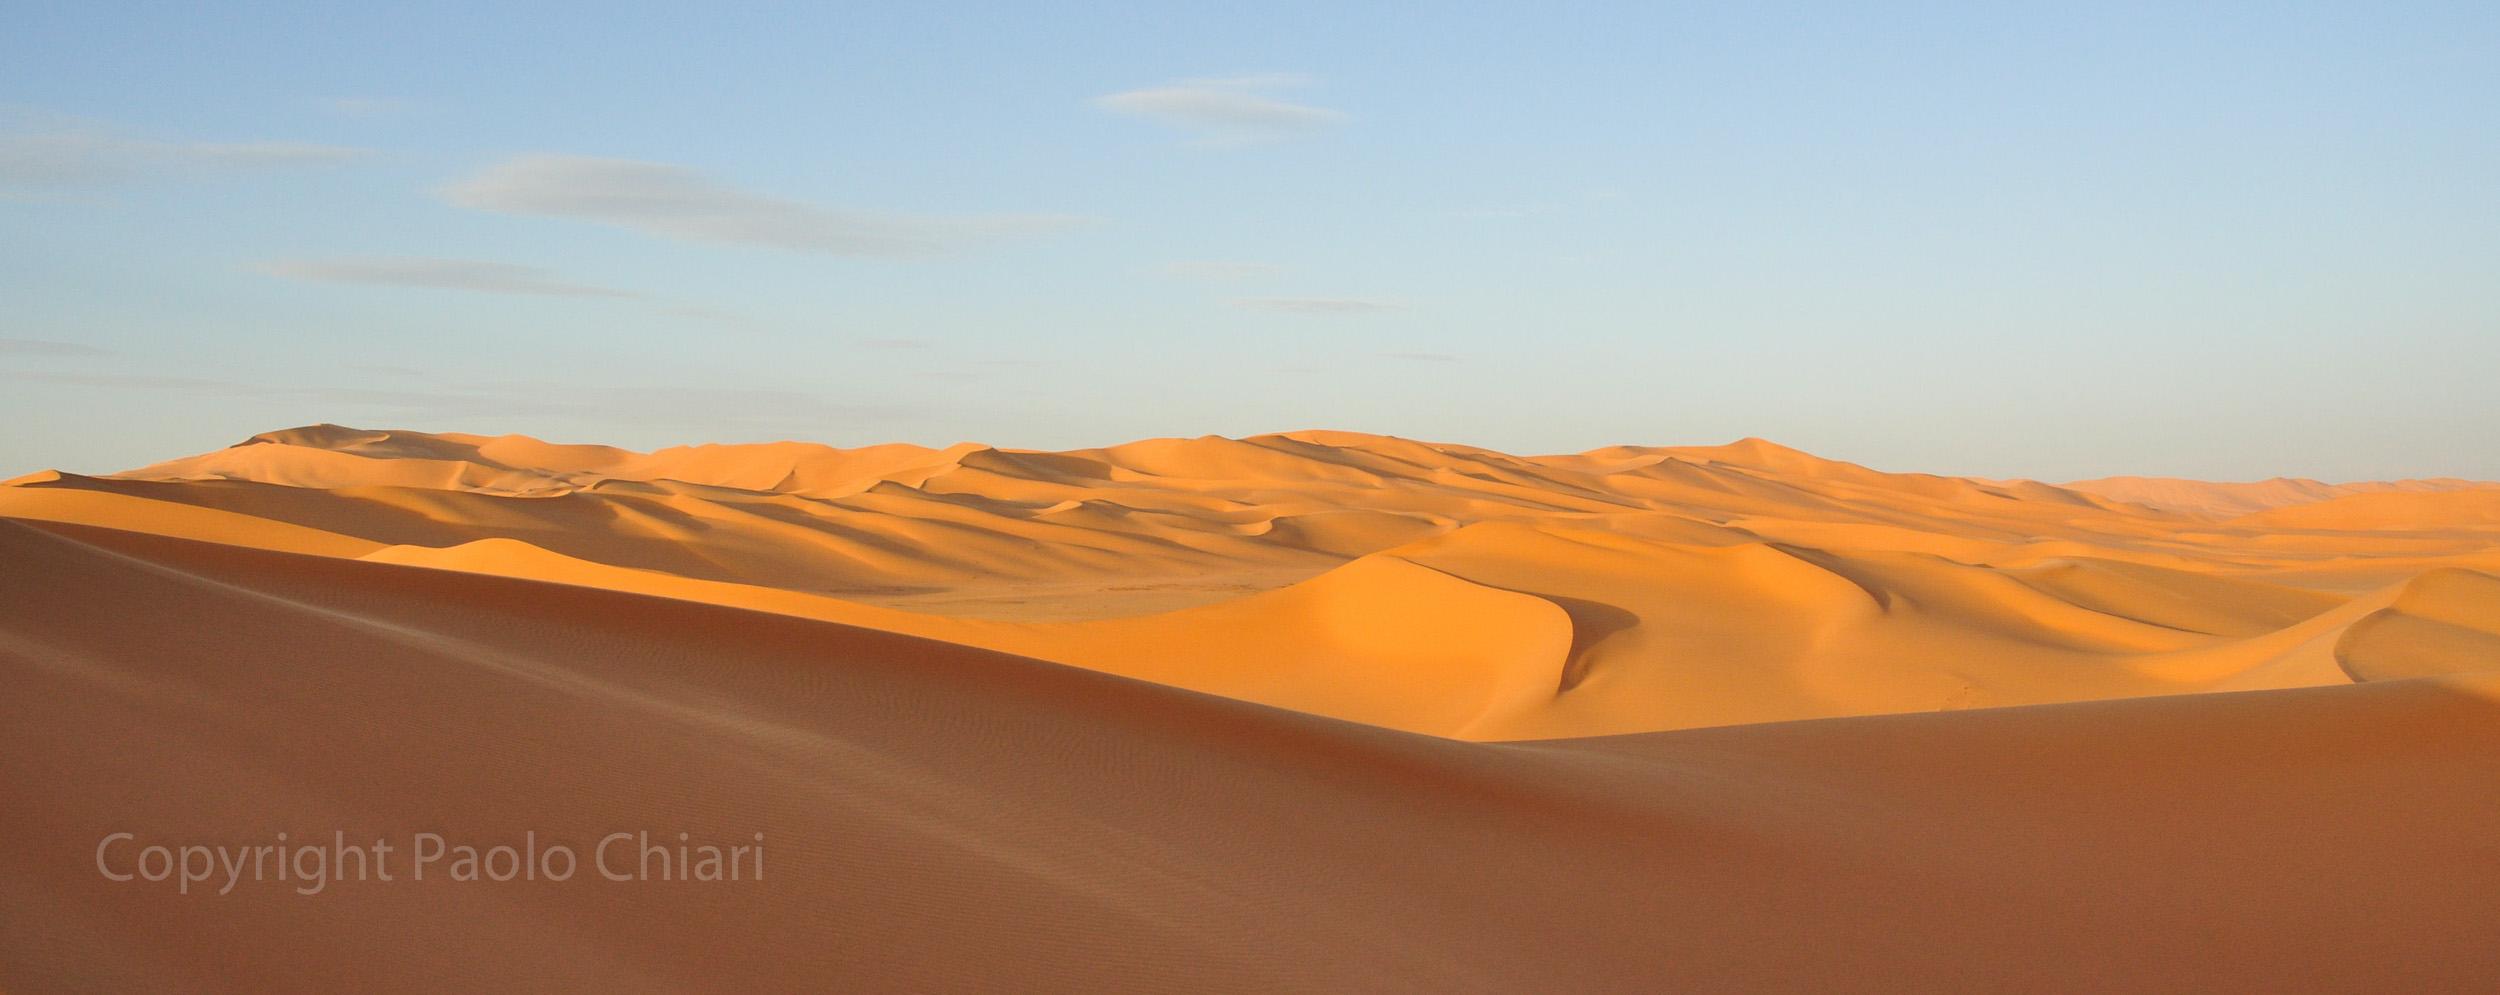 libia2010a_1343